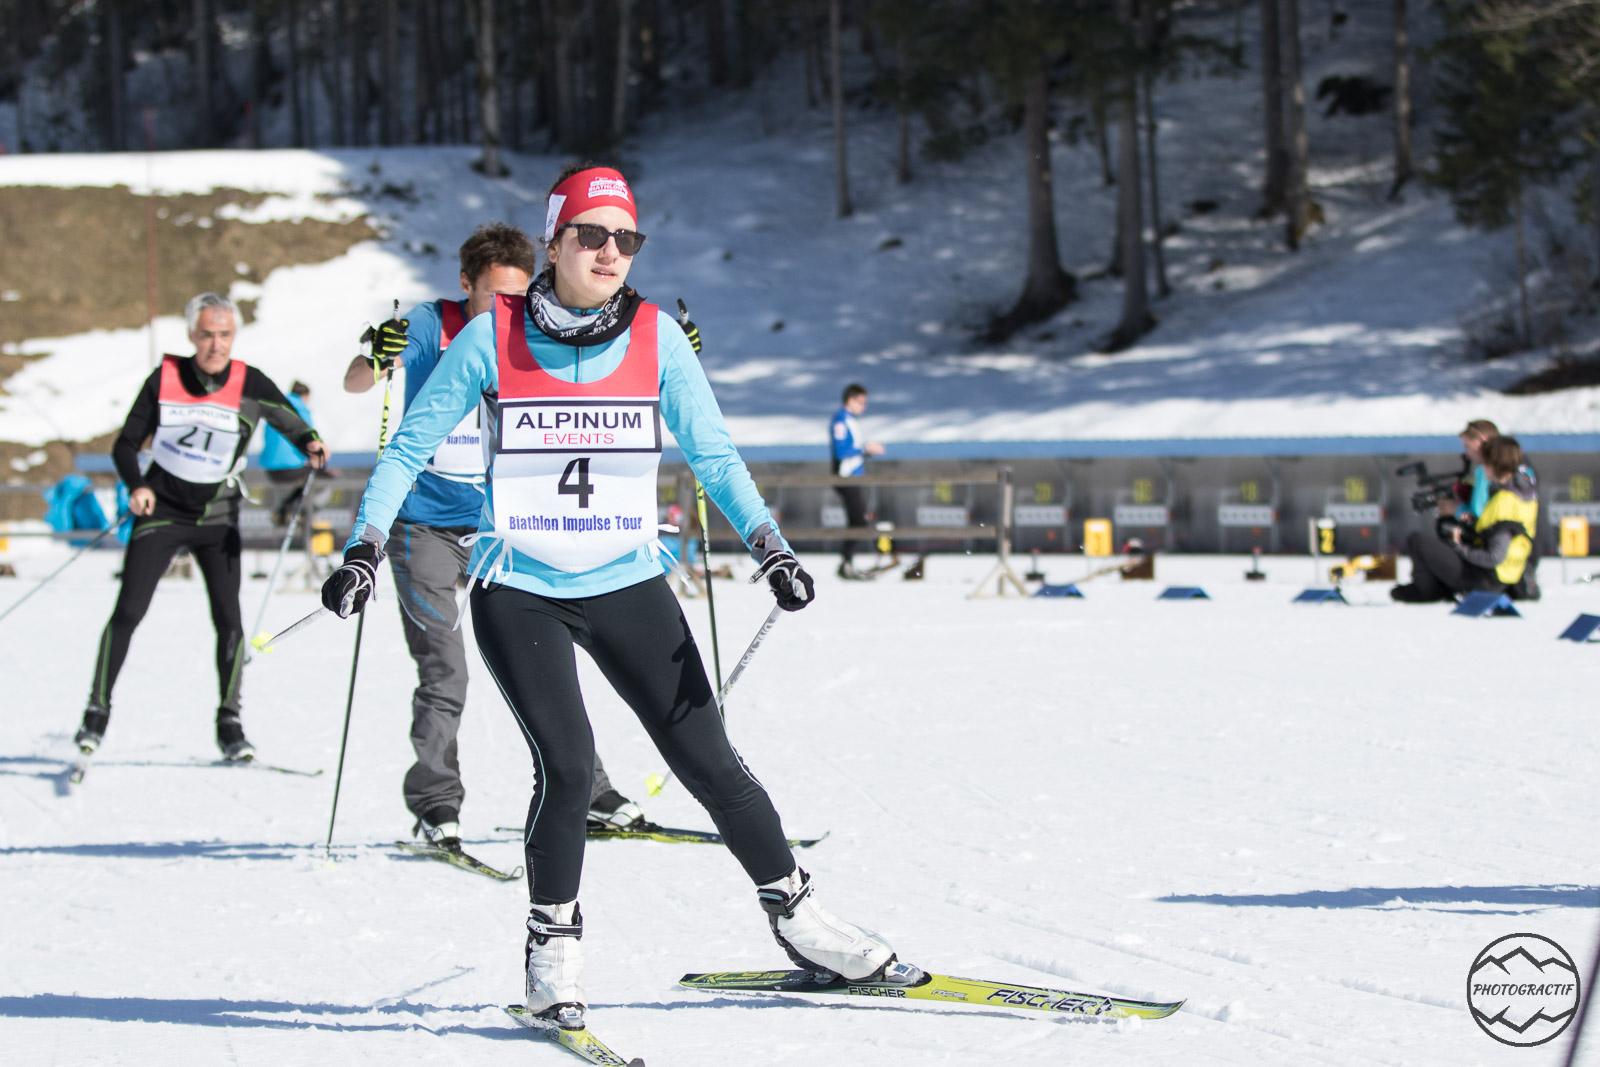 Biathlon Alpinum Les Contamines 2019 (6)